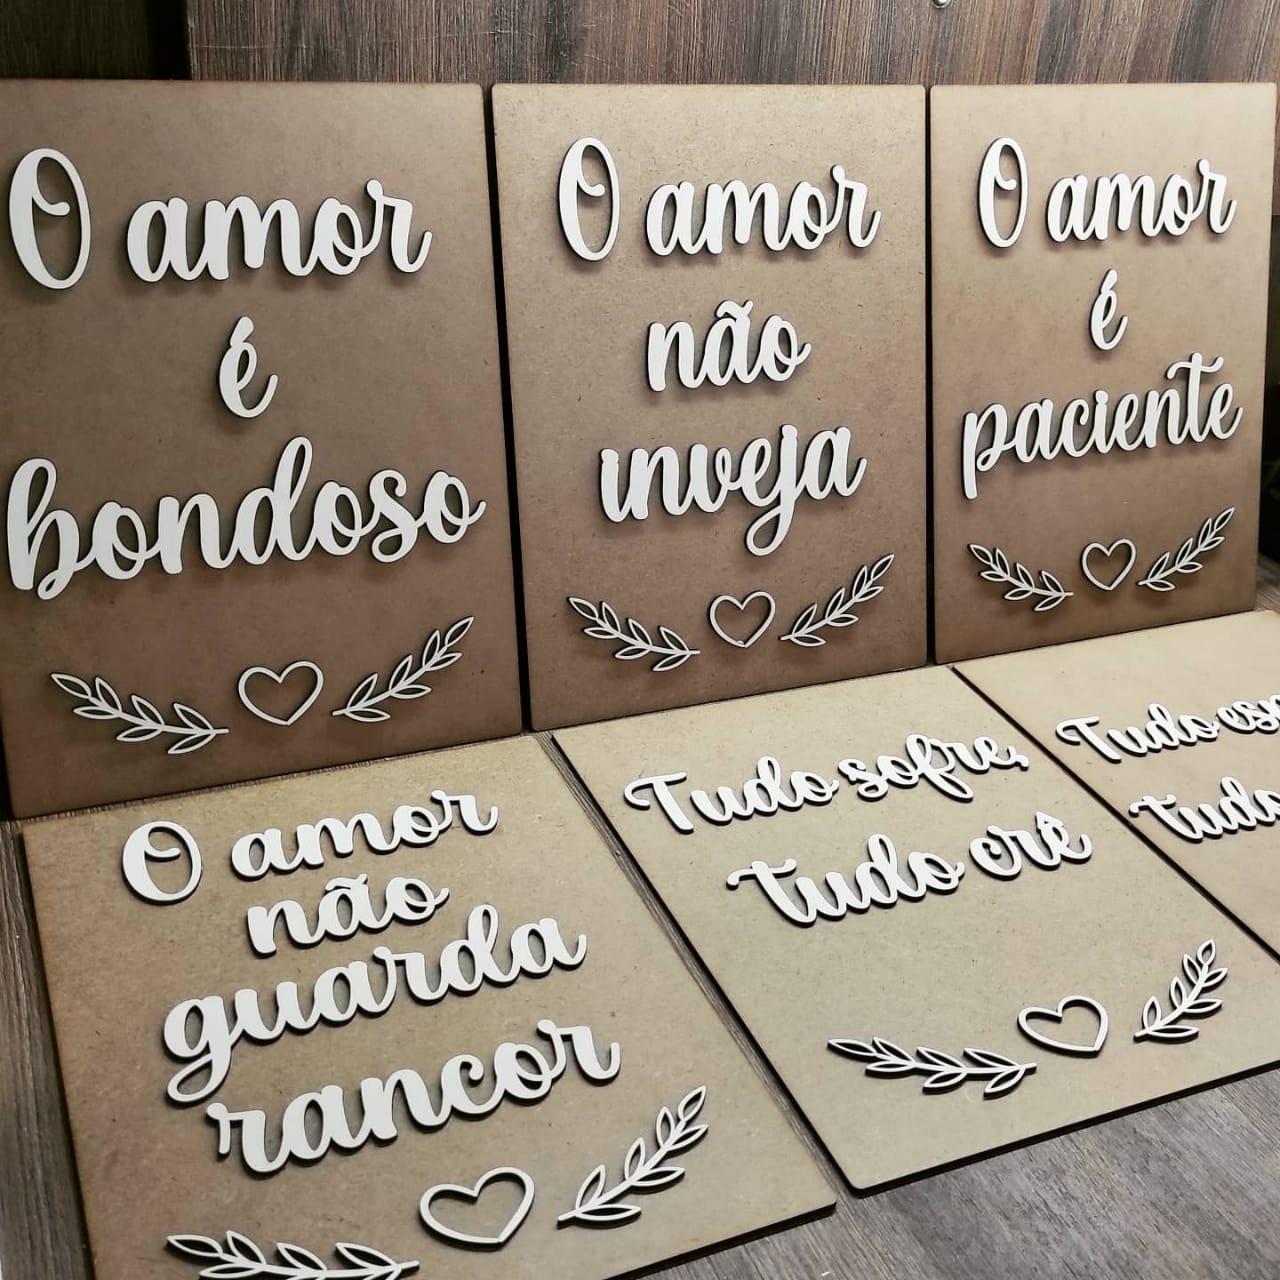 KIT CAMINHO DO ALTAR COM 6 PLACAS EM MDF CRU COM LETRAS BRANCAS